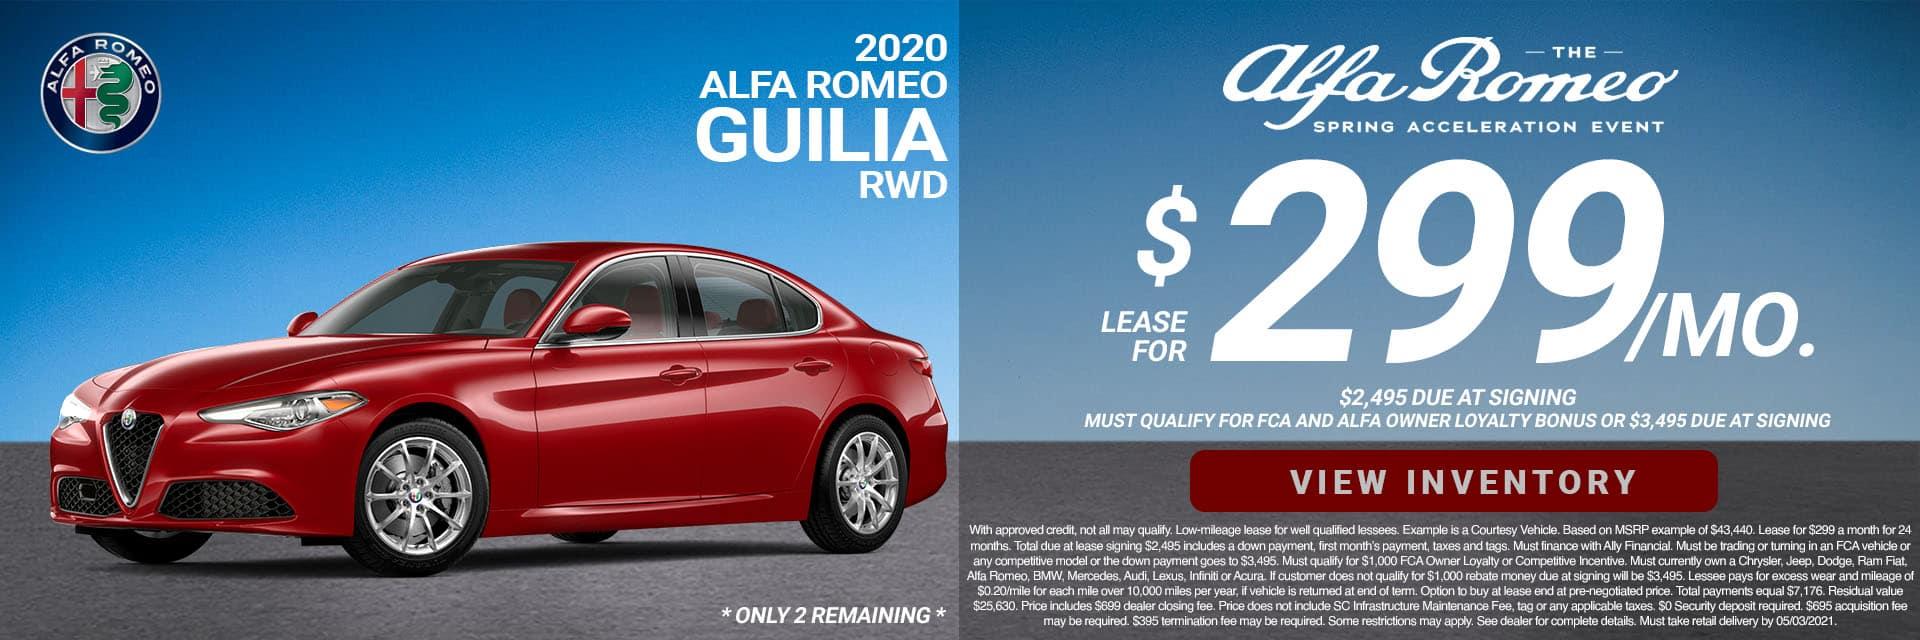 SLAR-April 20212020 Alfa Romeo Giulia